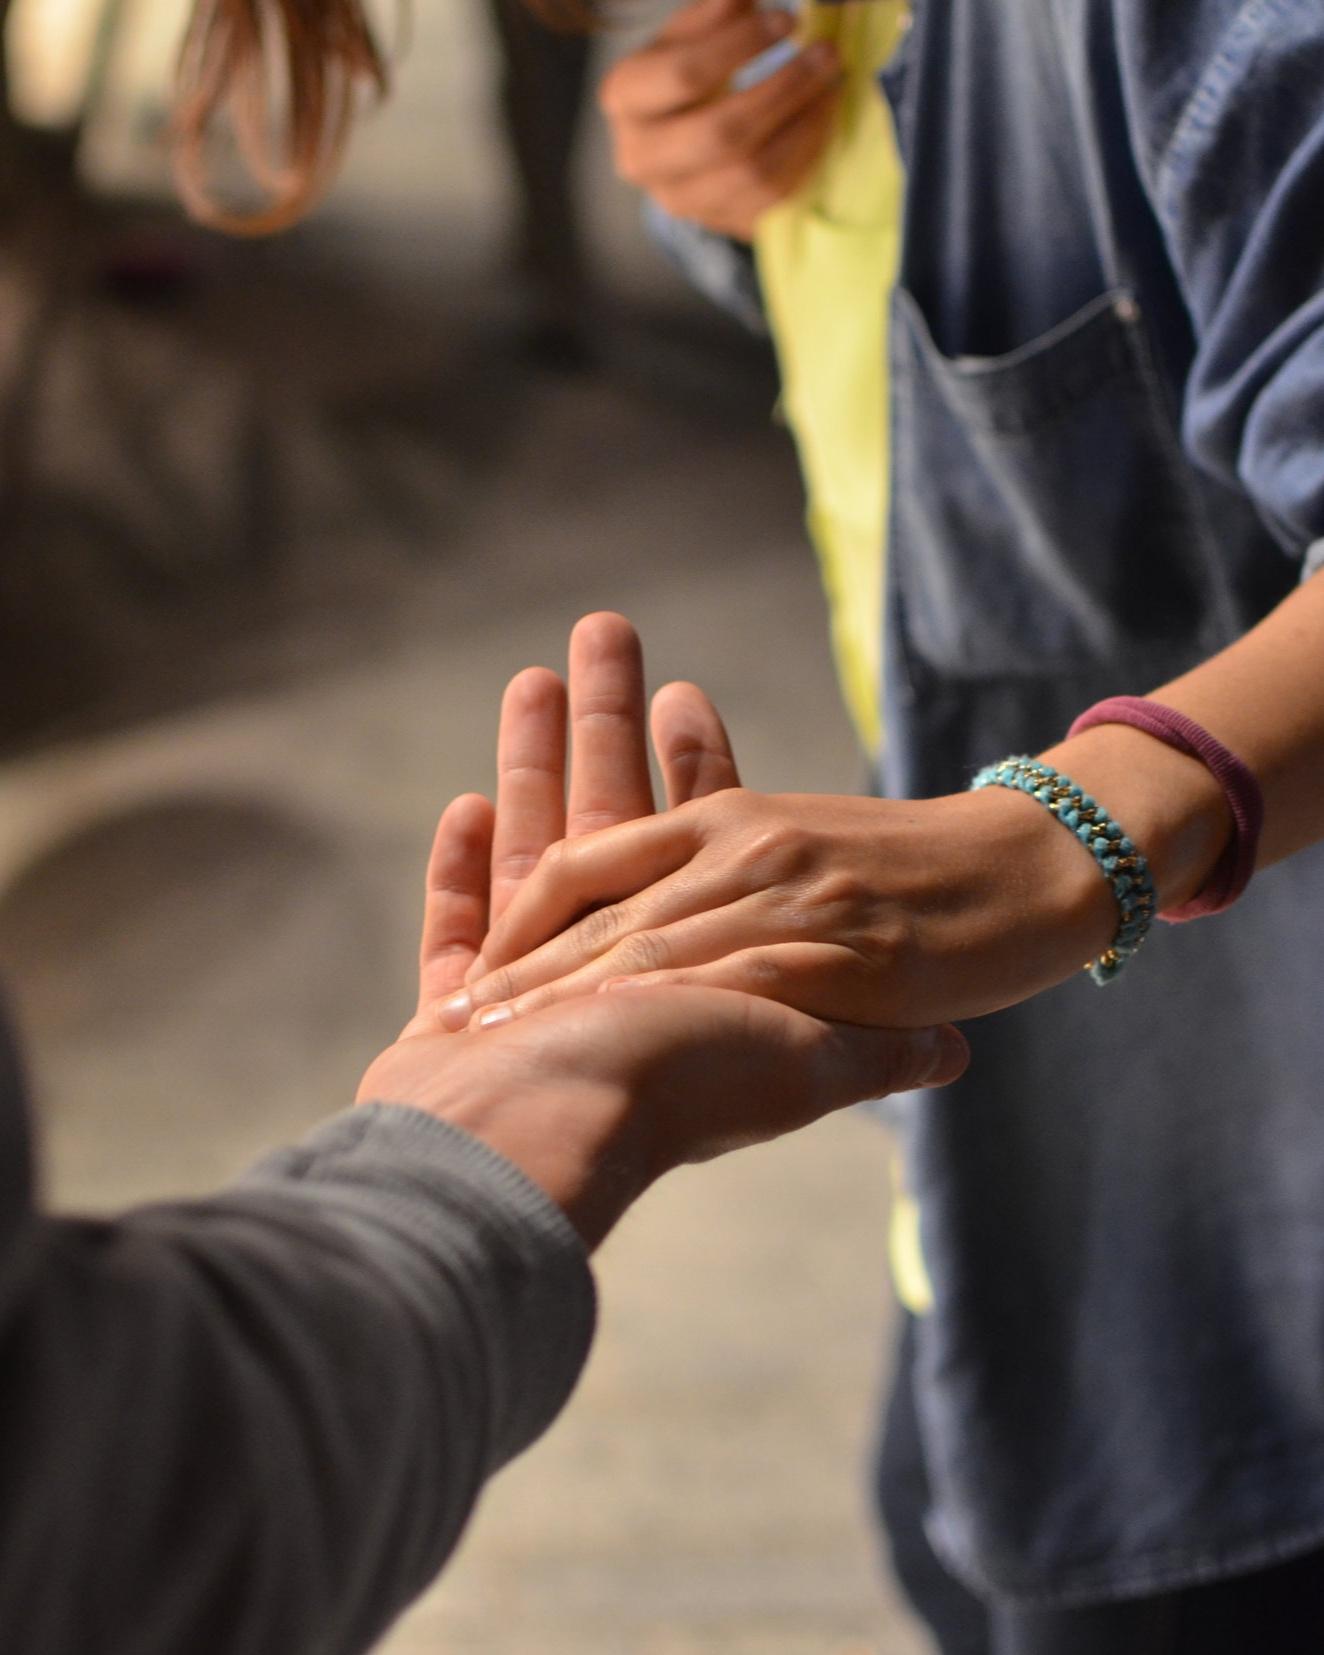 Werkwijze - De diaconie ondersteunt mensen die (tijdelijk) in de knel zitten, zowel plaatselijk als wereldwijd.Bij de diaconie gaat het vooral om solidair zijn, voor elkaar instaan, proberen in te voelen wat de medemens is overkomen en waar zij/hij mee zit en vervolgens naast diegene gaan staan.We bieden niet alleen financiële hulp maar kunnen ook de schakel naar de juiste professionele hulp zijn als dat nodig is. Er zijn goede contacten met de gemeente Dronten en de overige instanties.